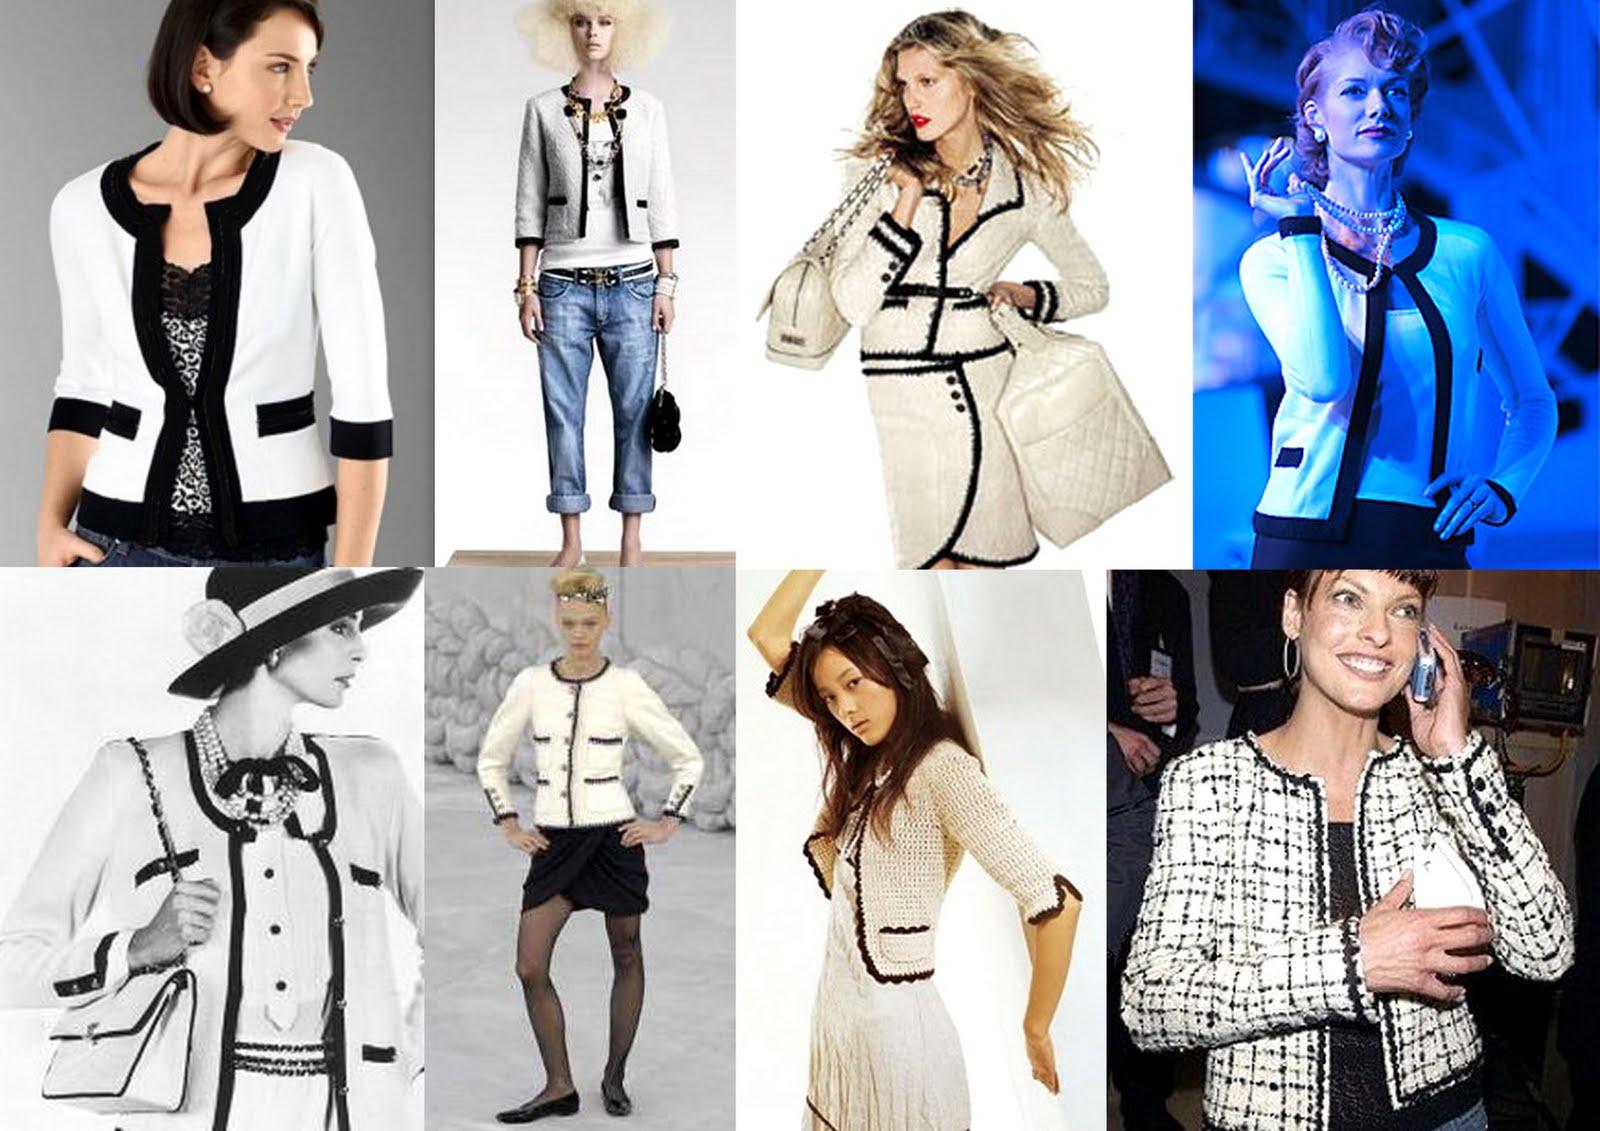 http://2.bp.blogspot.com/-7vift5_dWgM/TzOc2odO9gI/AAAAAAAAEgs/Pfl5ETmVzU4/s1600/monta+casaquetos.jpg